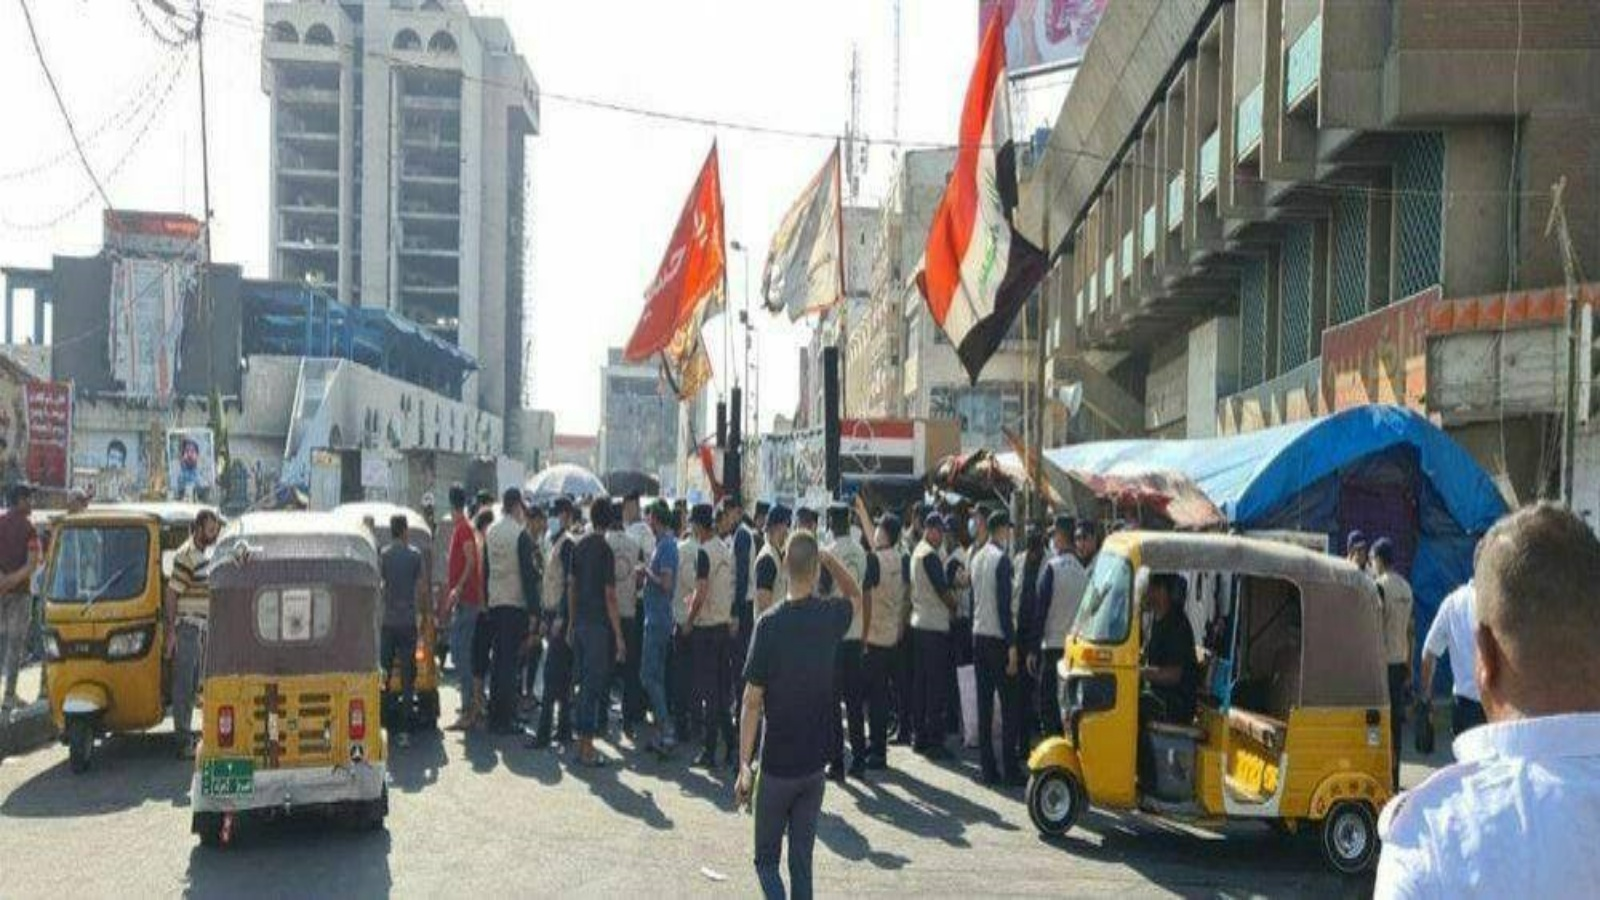 انتشار الشرطة المجتمعية مع القوات الامنية في ساحة التحرير مركز الاحتجاجات وسط بغداد